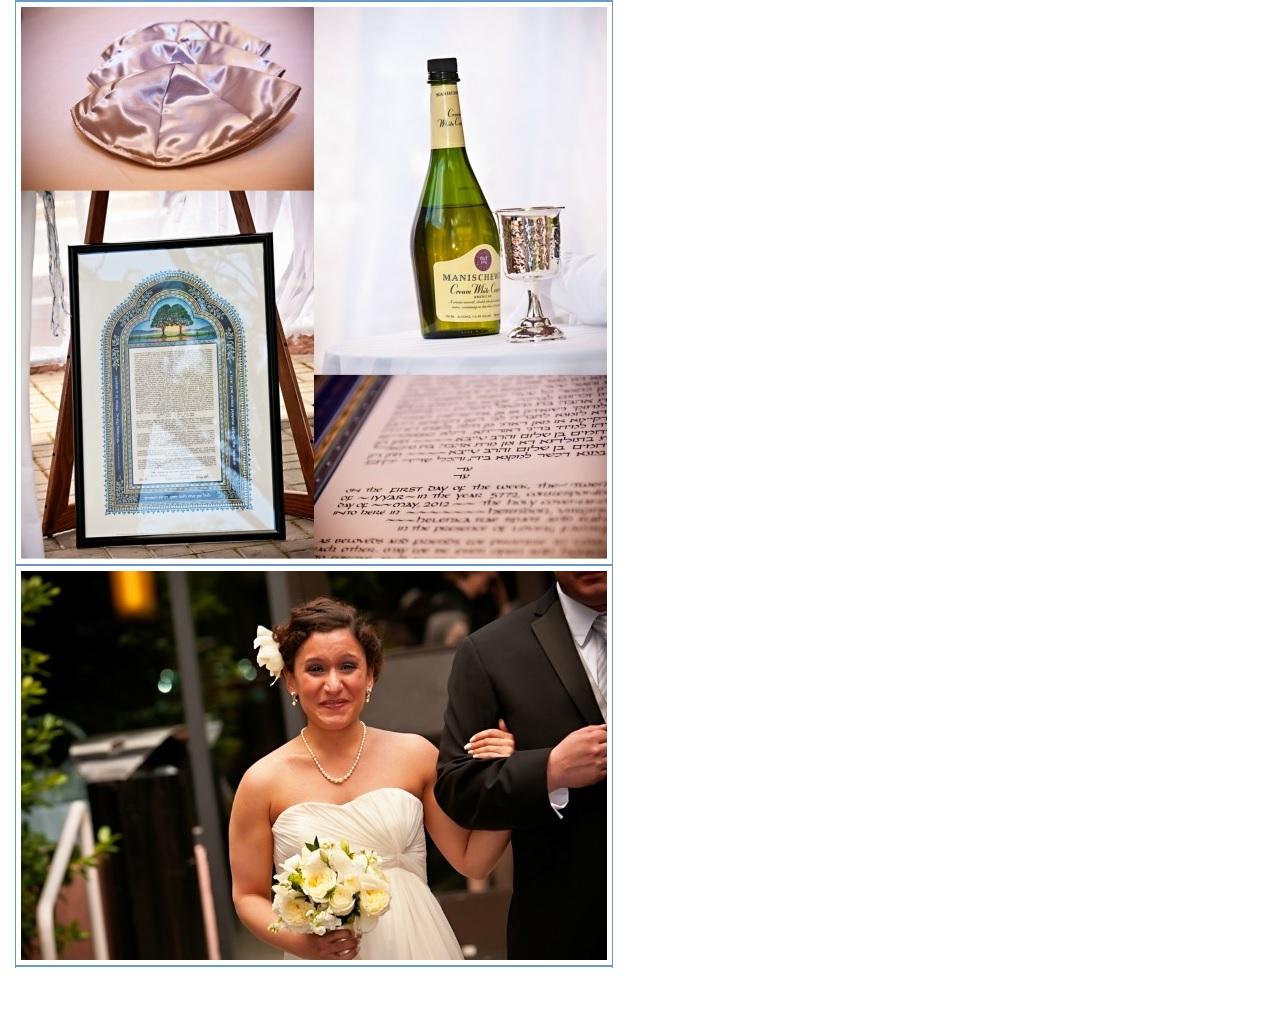 decor & bride